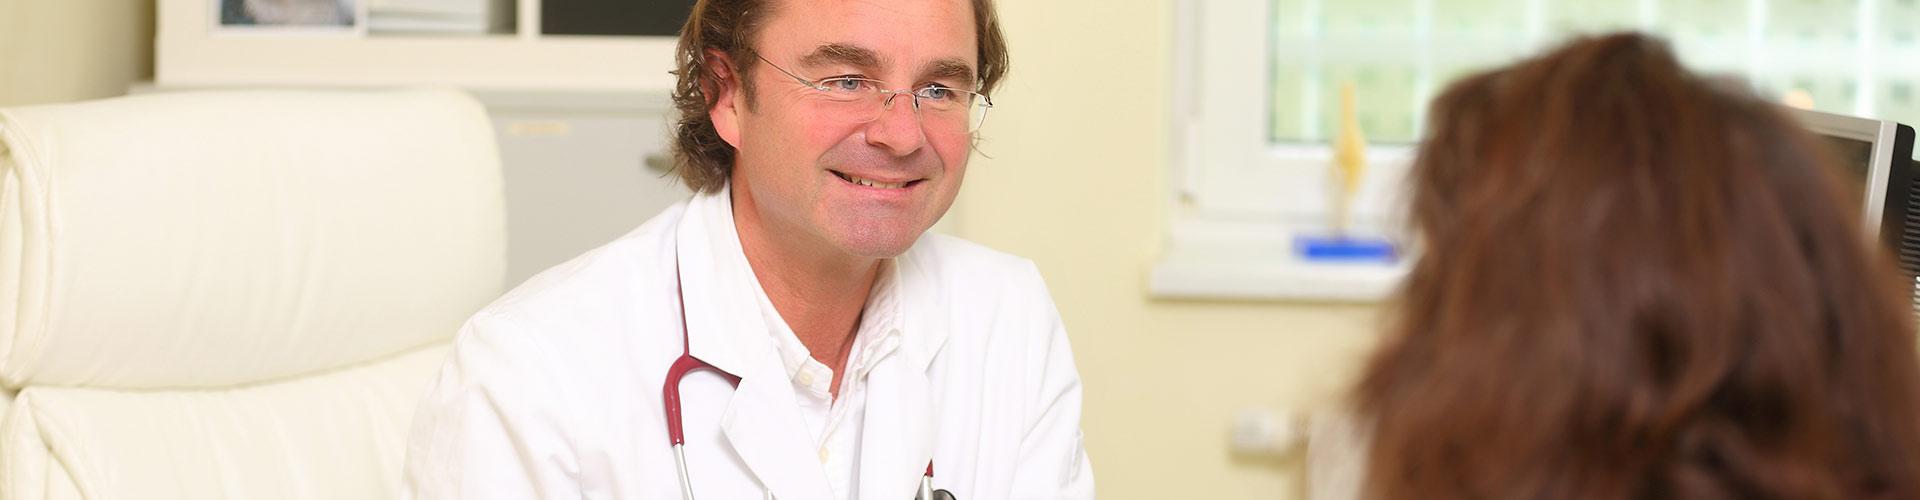 Dr. Krukenberg Sprechzimmer